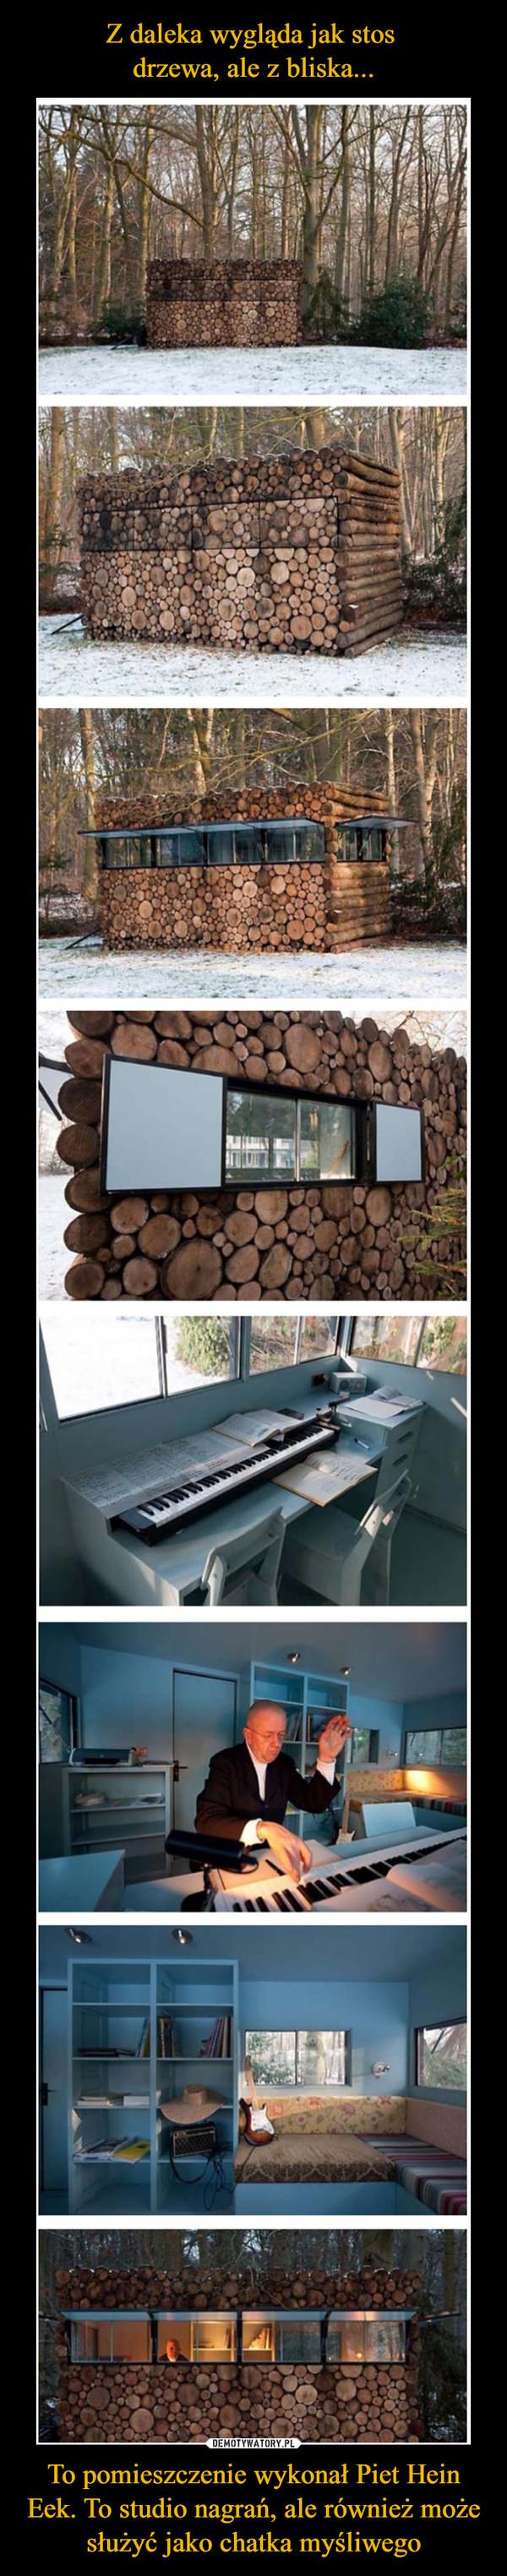 To pomieszczenie wykonał Piet Hein Eek. To studio nagrań, ale również może służyć jako chatka myśliwego –